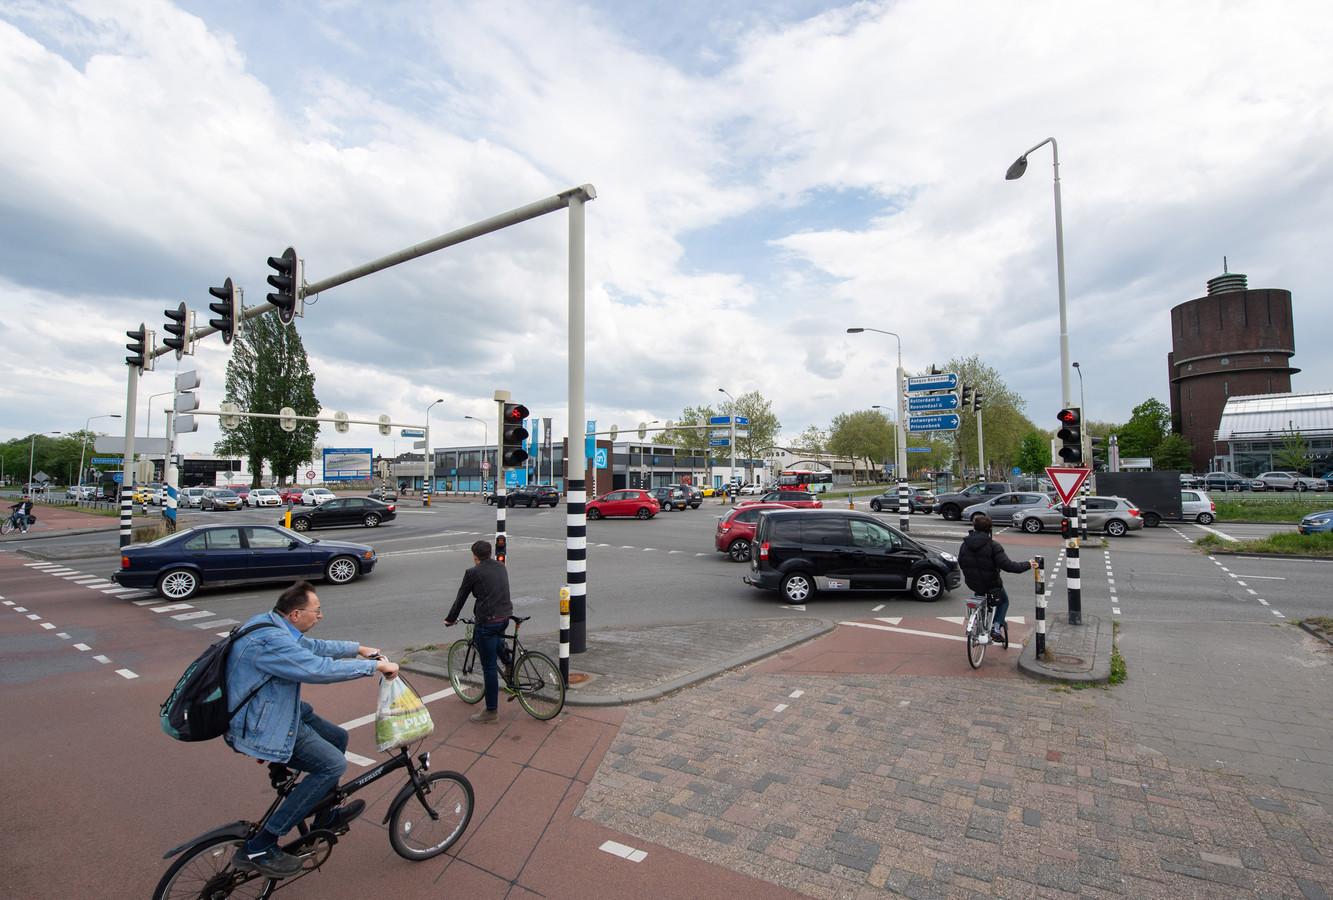 Drukte op de kruising van Konijnenberg en noordelijke rondweg in Breda.